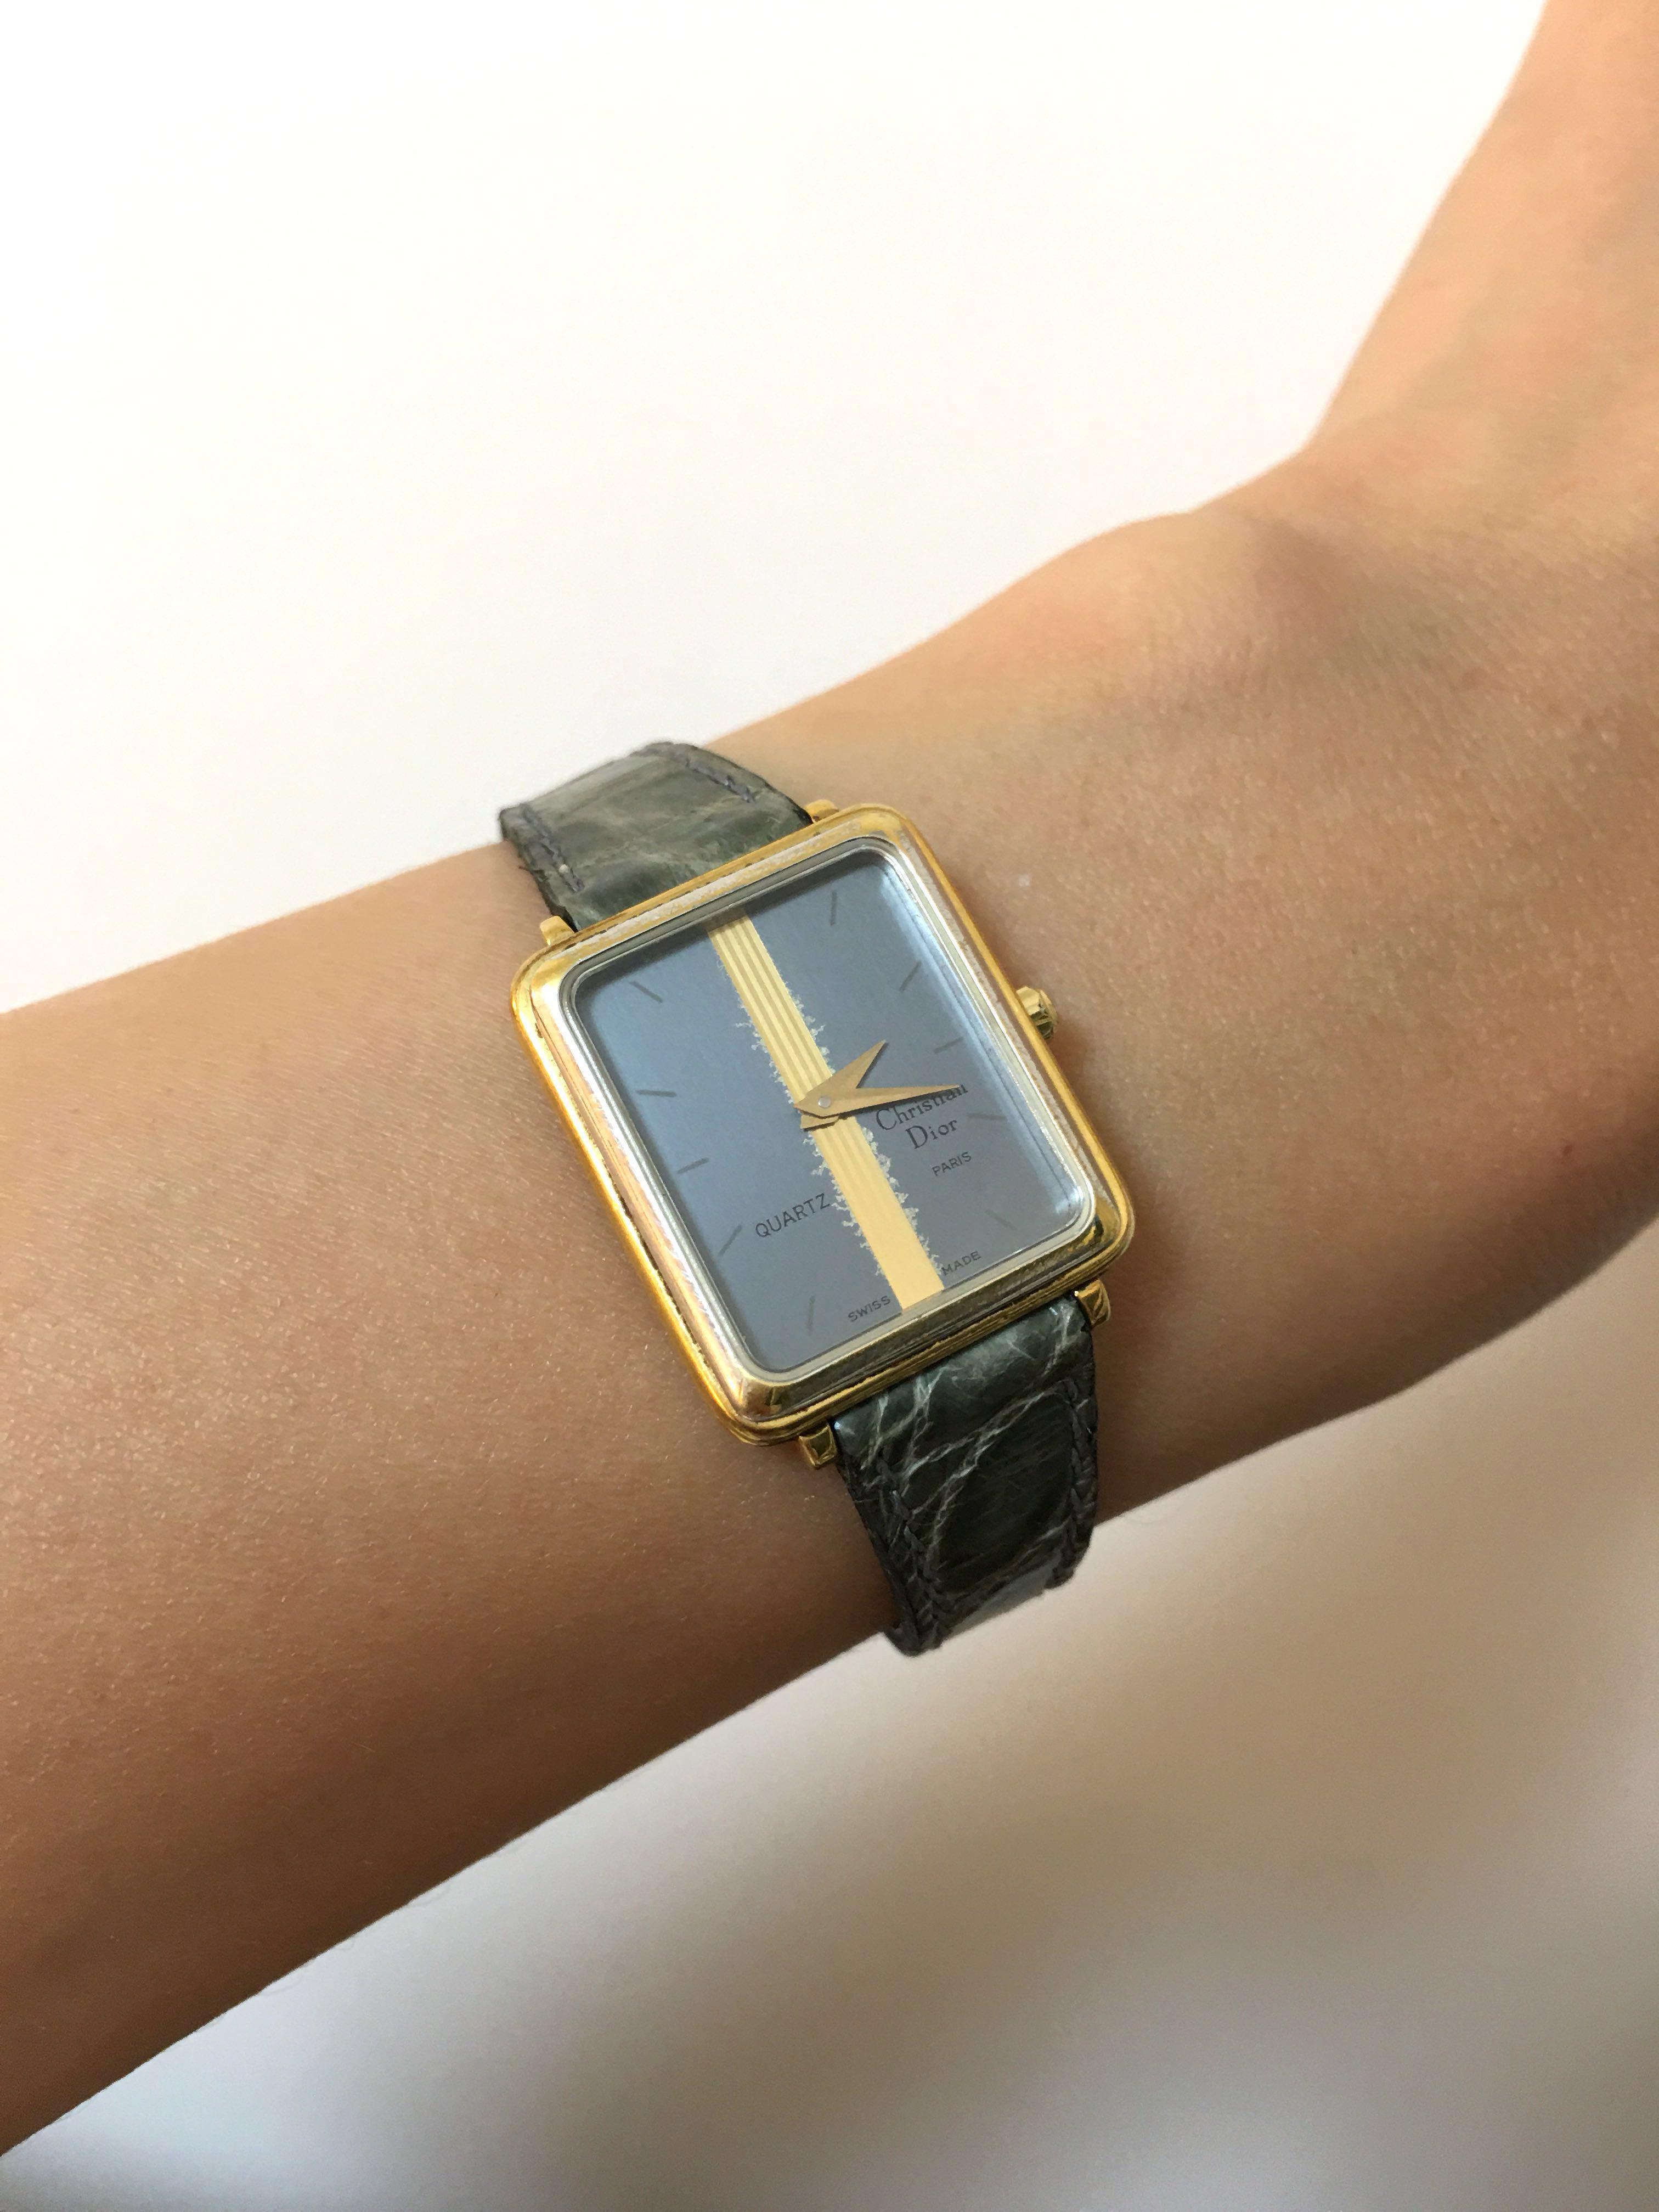 Dior 古董鰐魚手錶vintage watch chanel hermes rolex fendi cartier chaumet van cleef bvlgari piaget